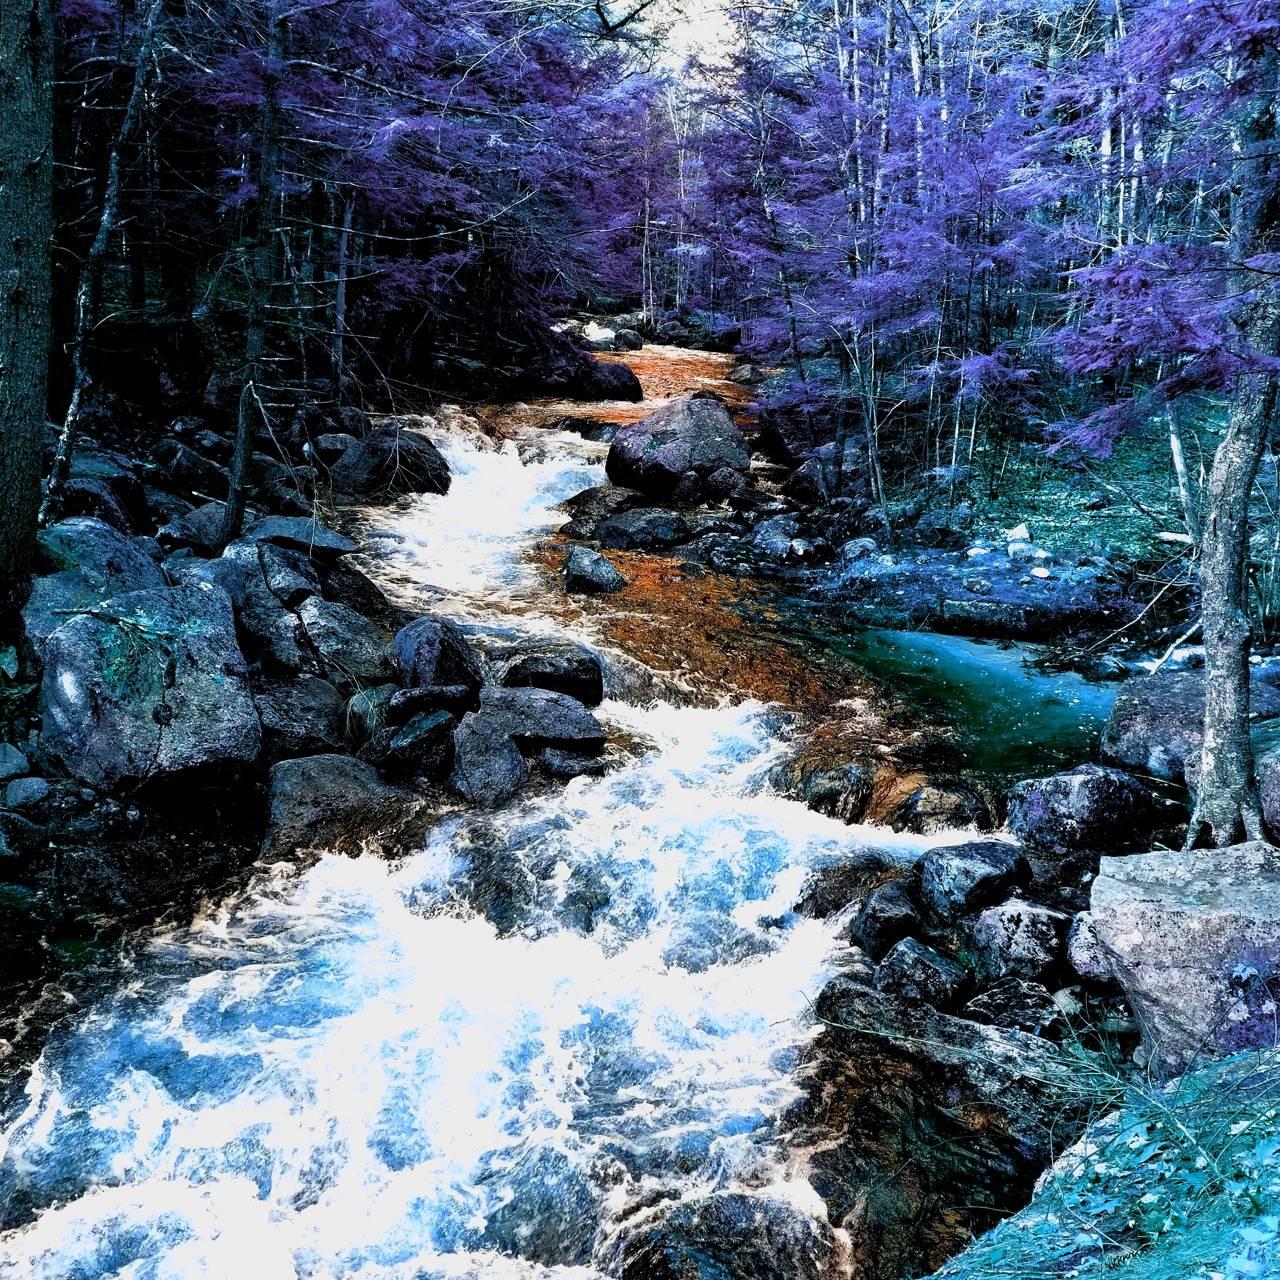 River of copper